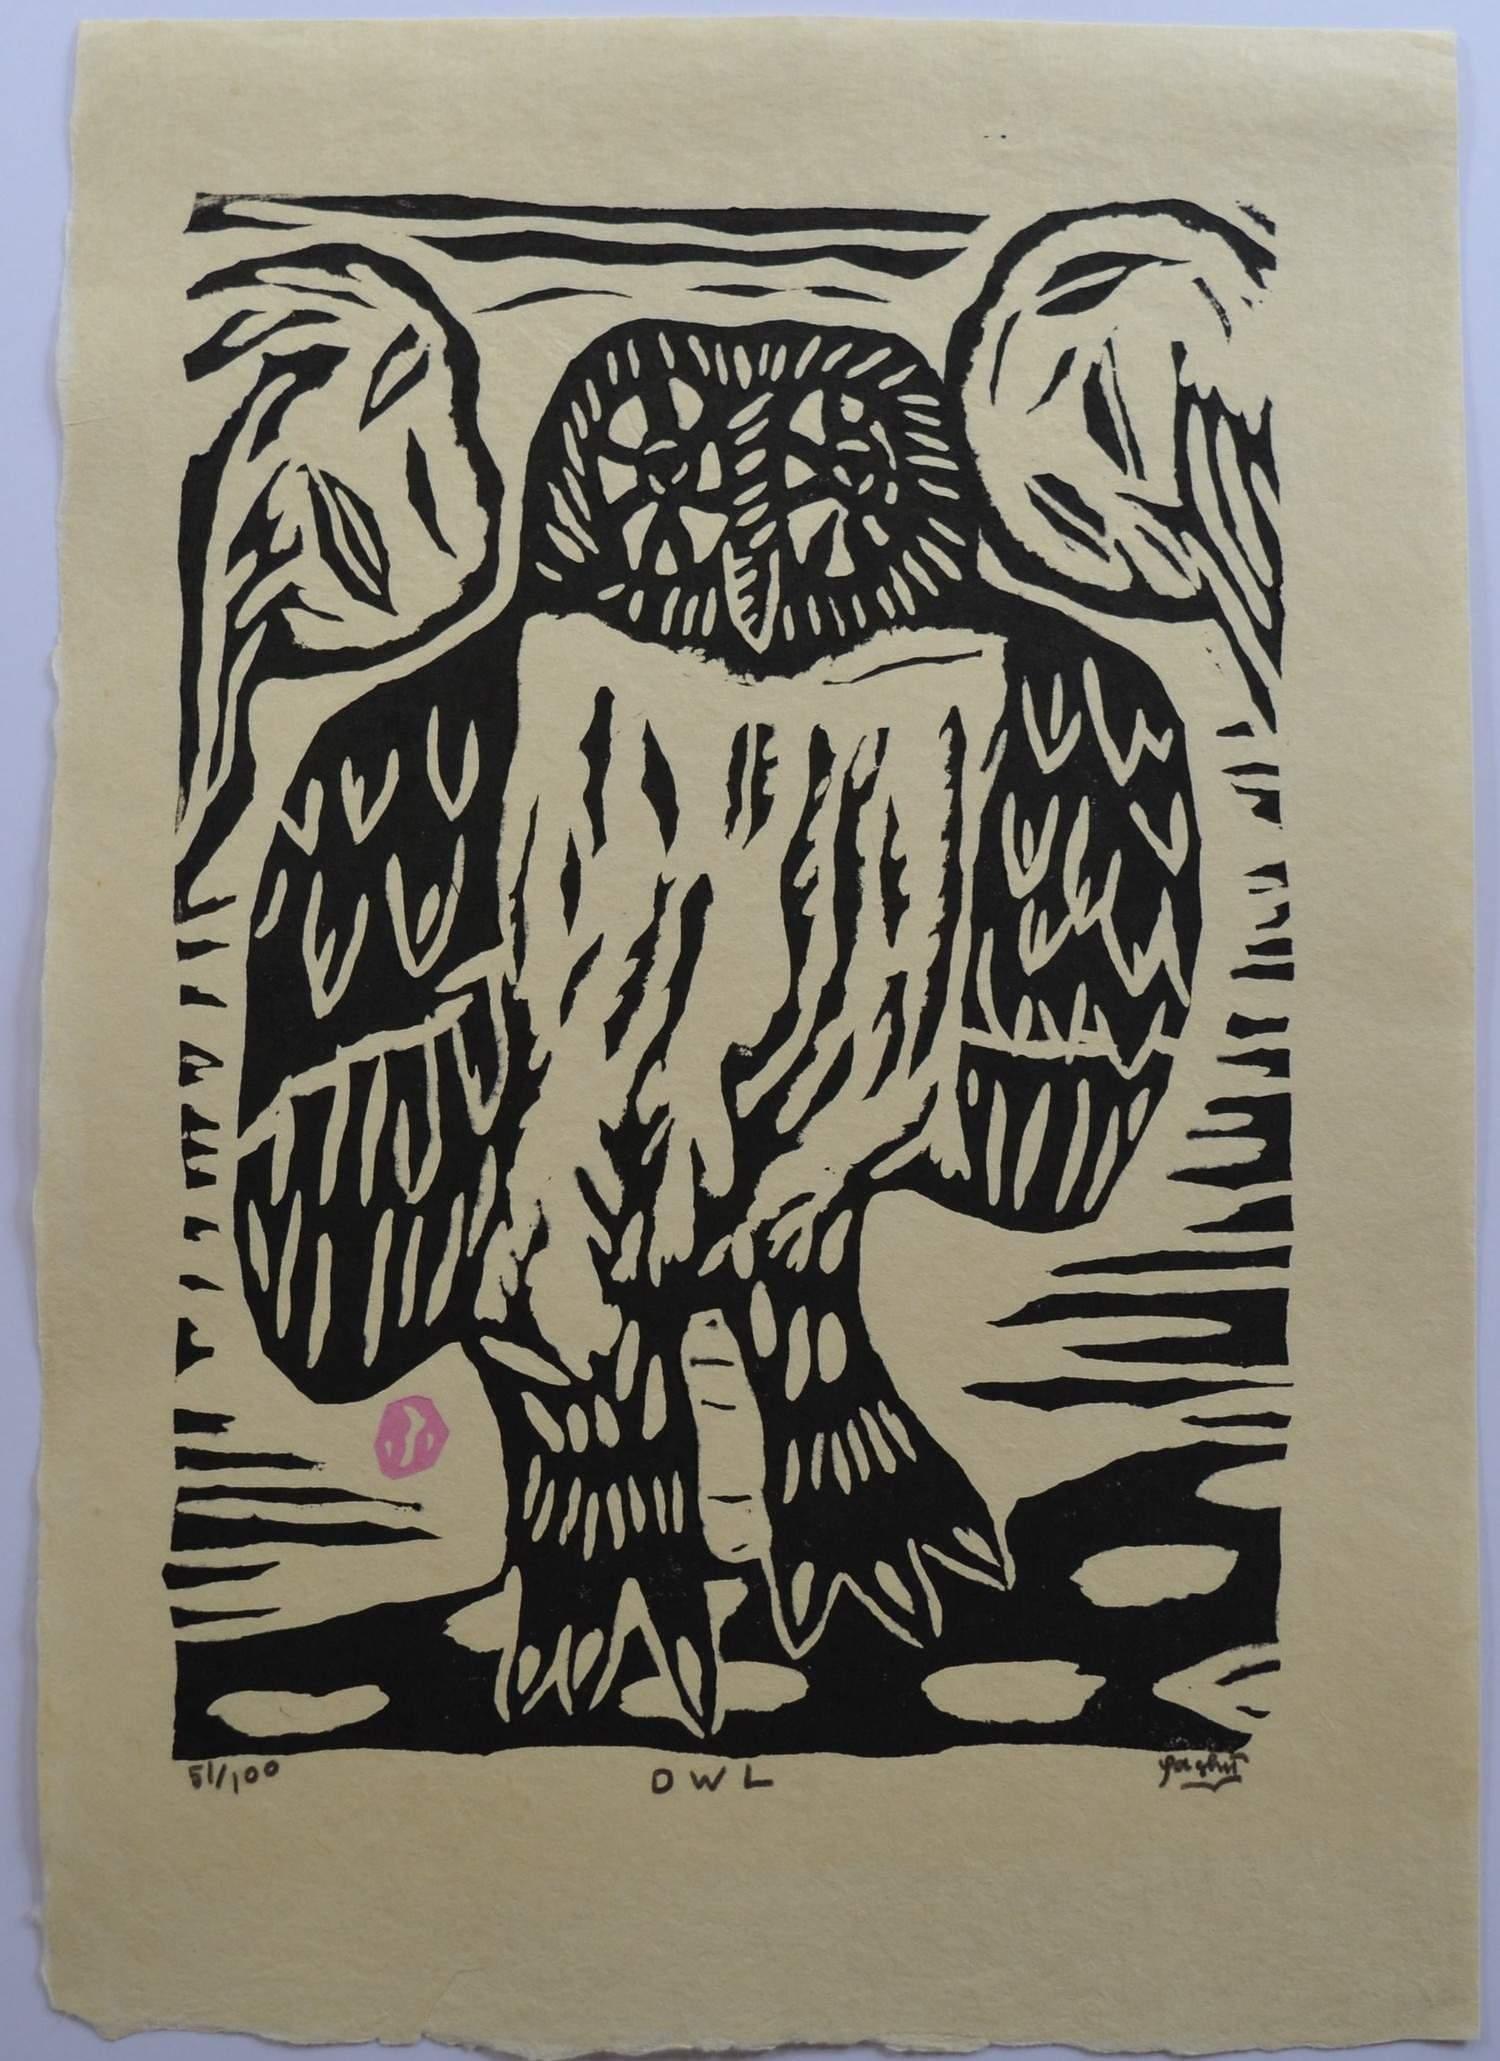 Gashu Fukami: Owl